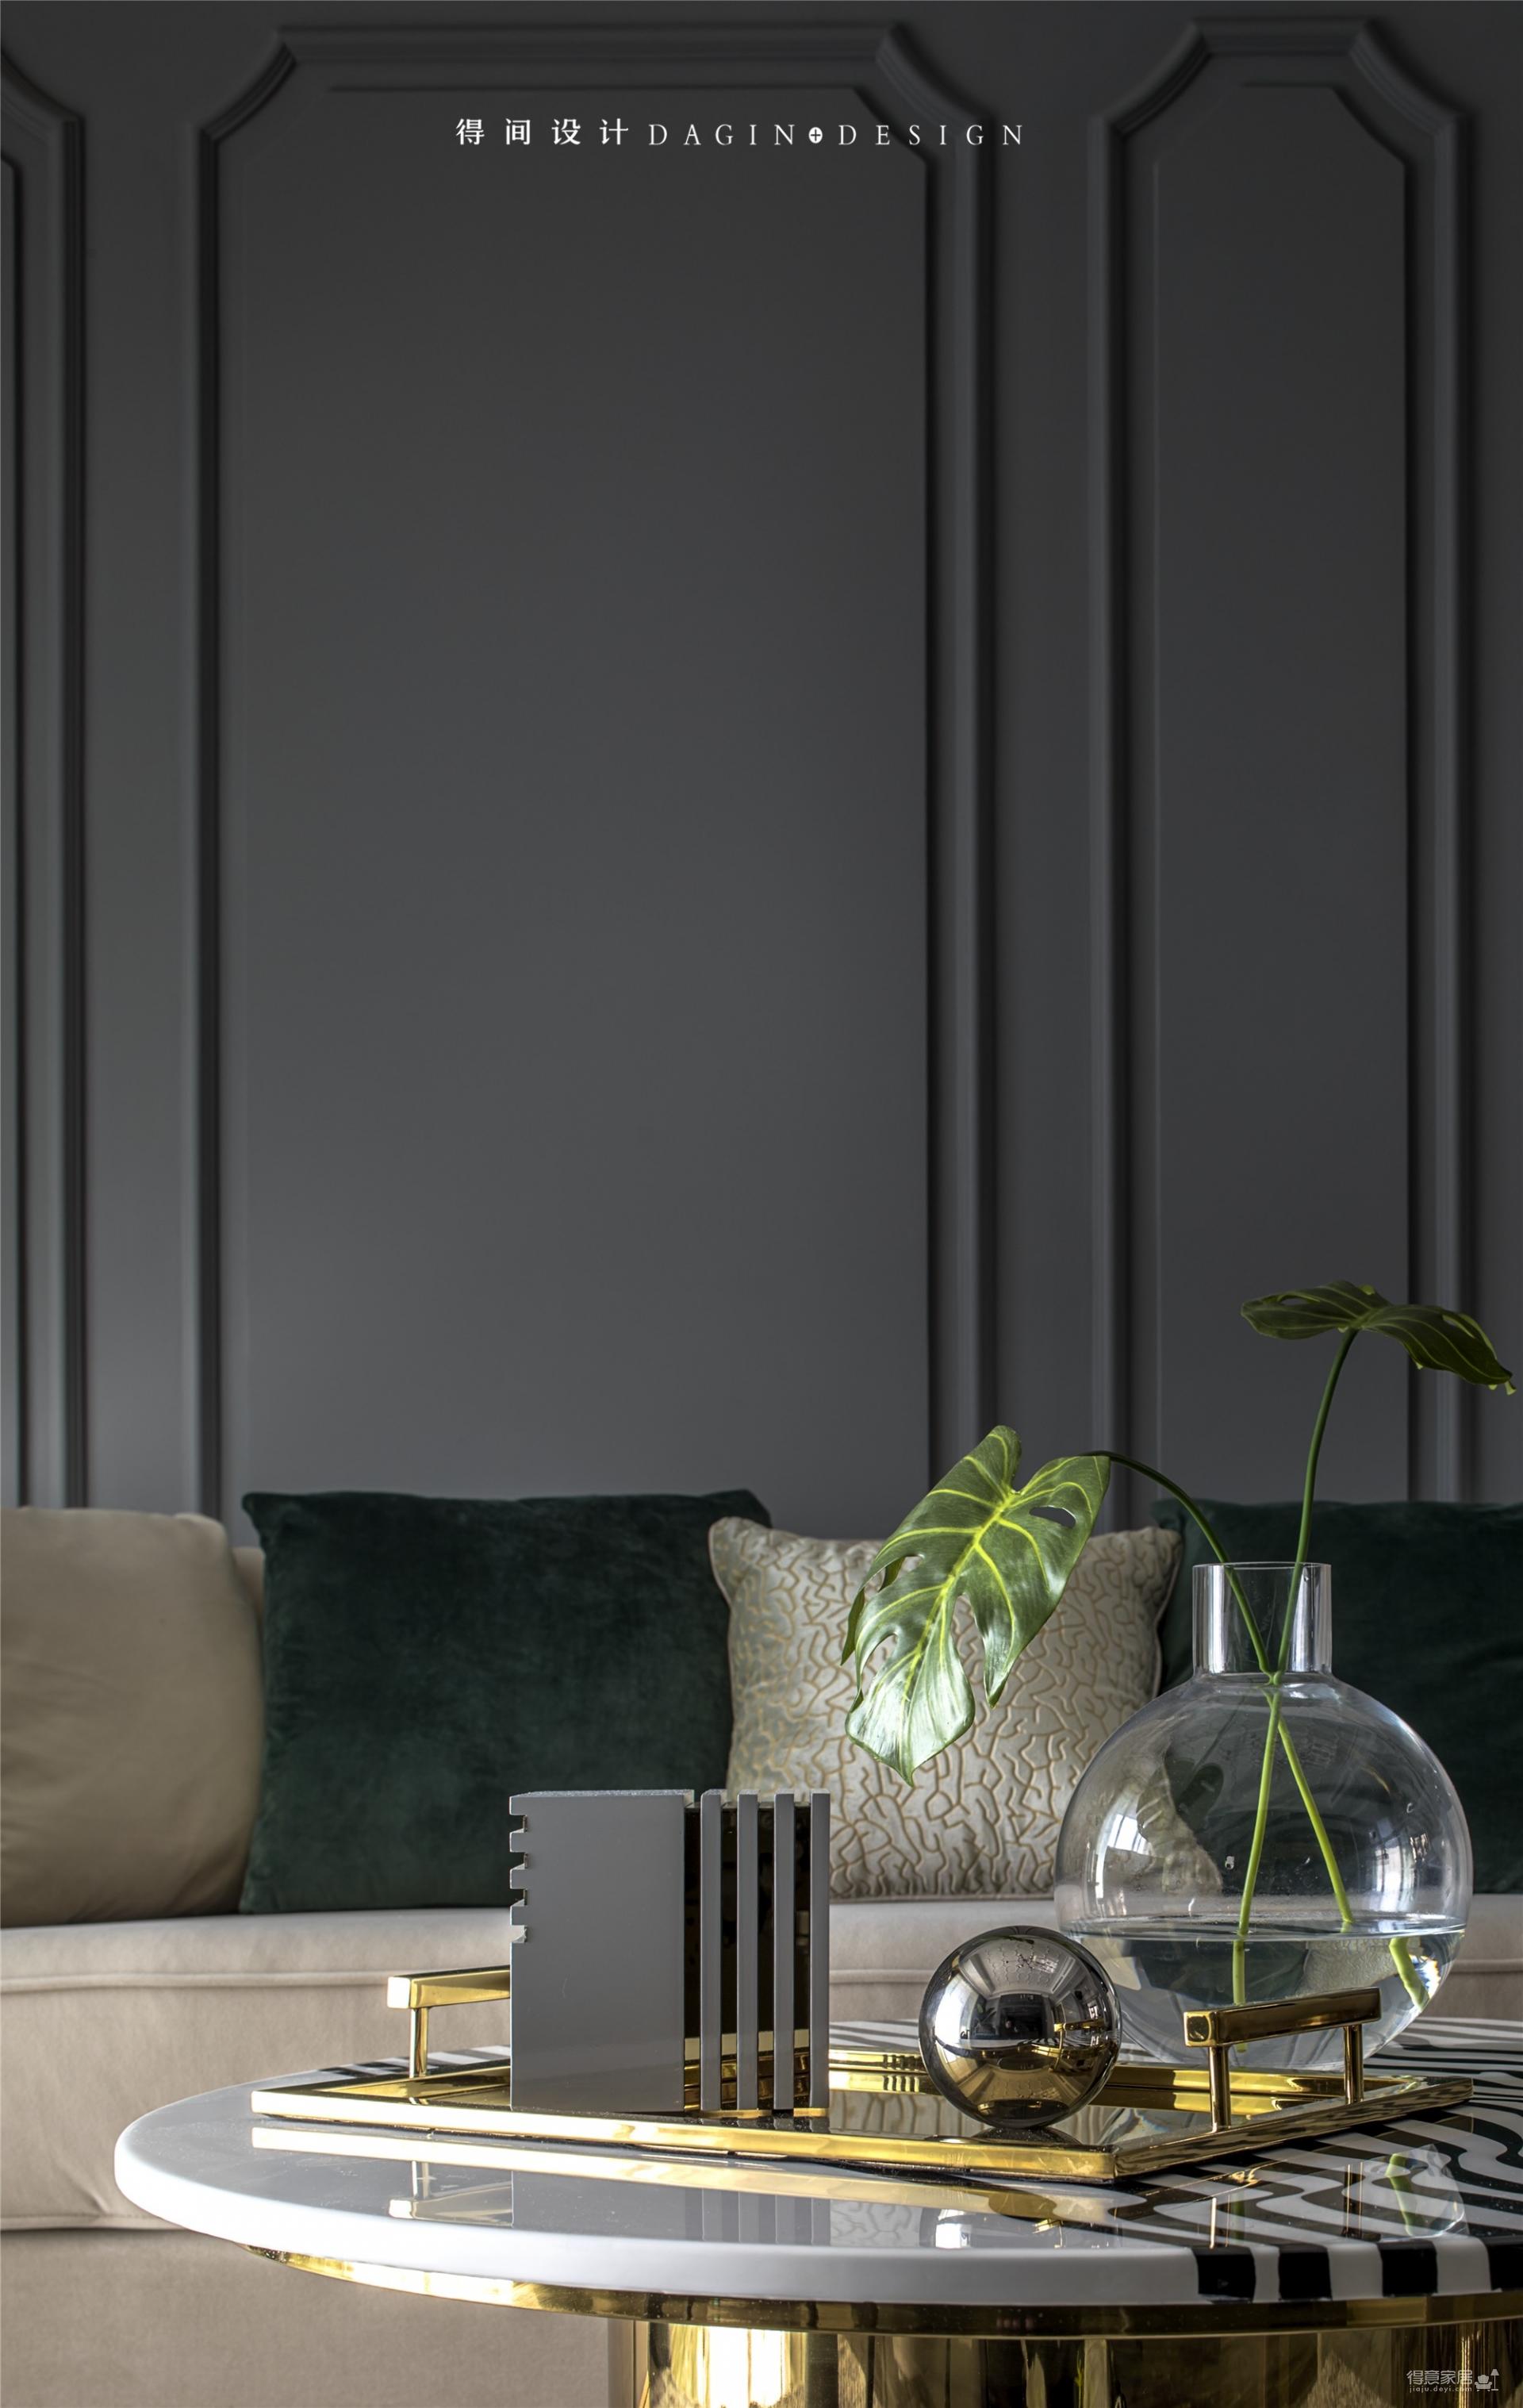 首发 || 这个家用壁炉电视墙,打造出撩人心弦的美式轻奢风!图_3